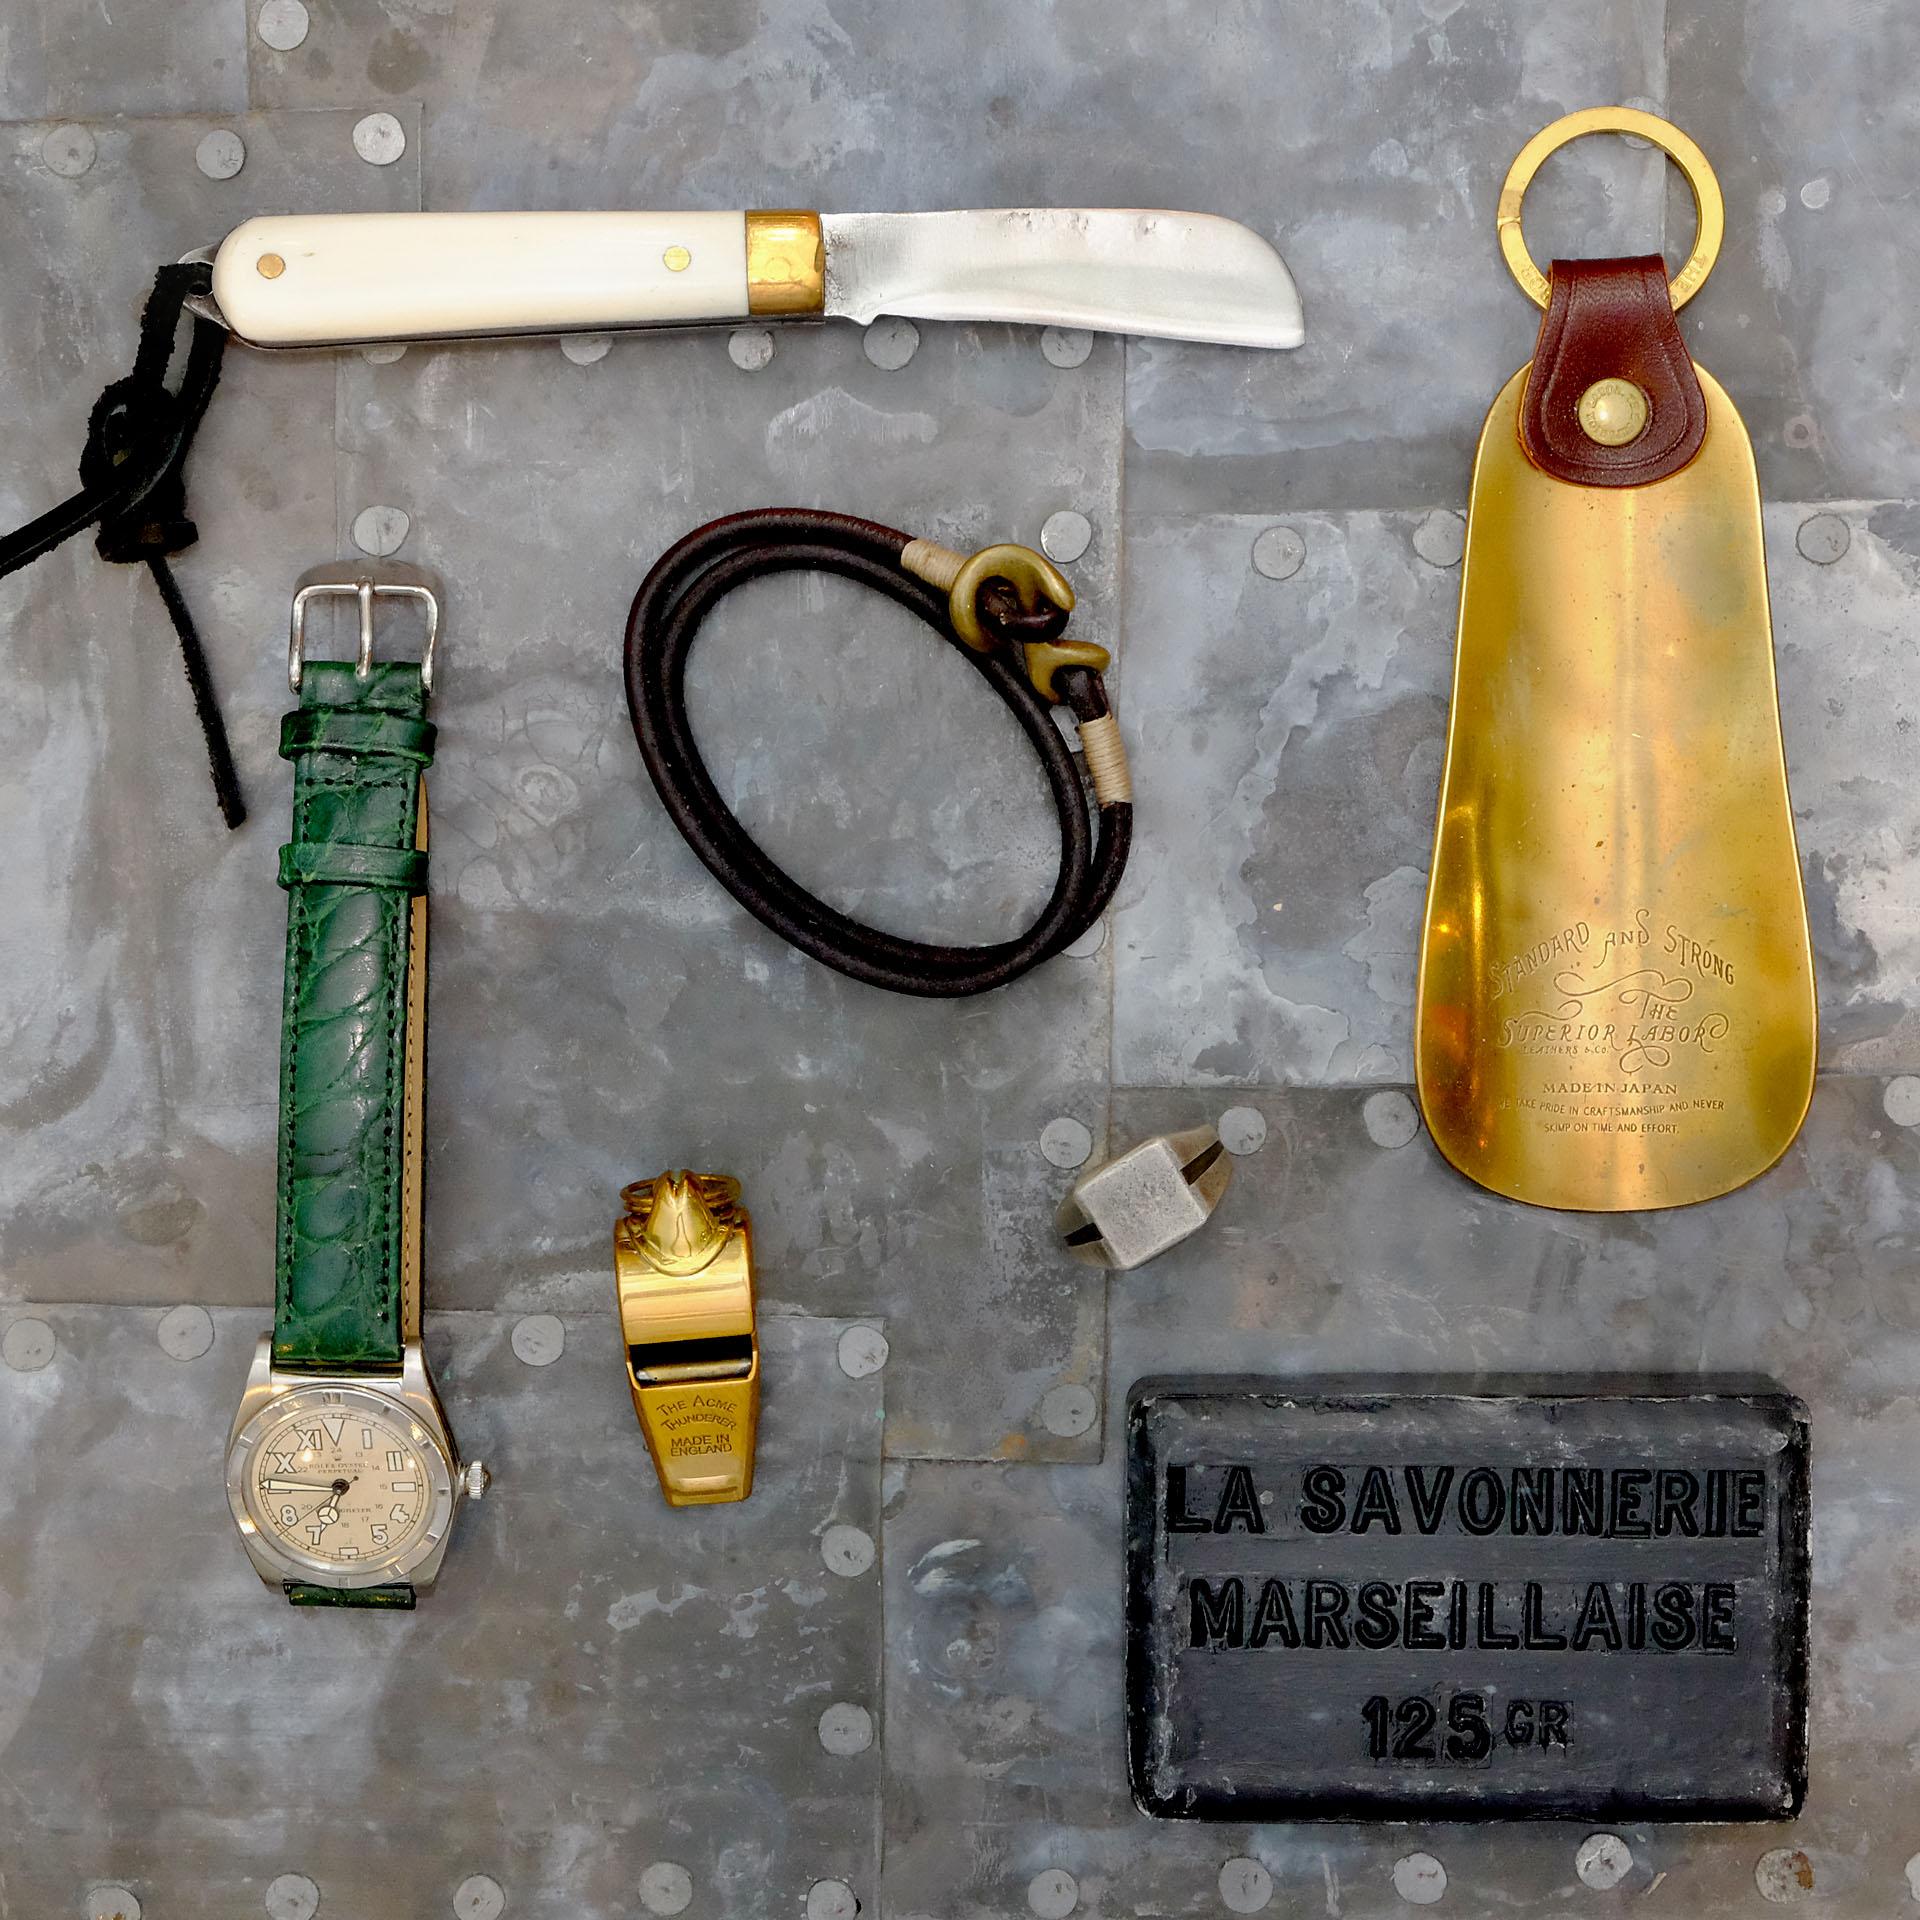 legeware-schuhloeffel-thesuperiorlabor-vintage-rolex-maxpoglia-taschenmesser-timelessleather-armband-trillerpfeile-acmethunder-877workshop-thewoods-seife